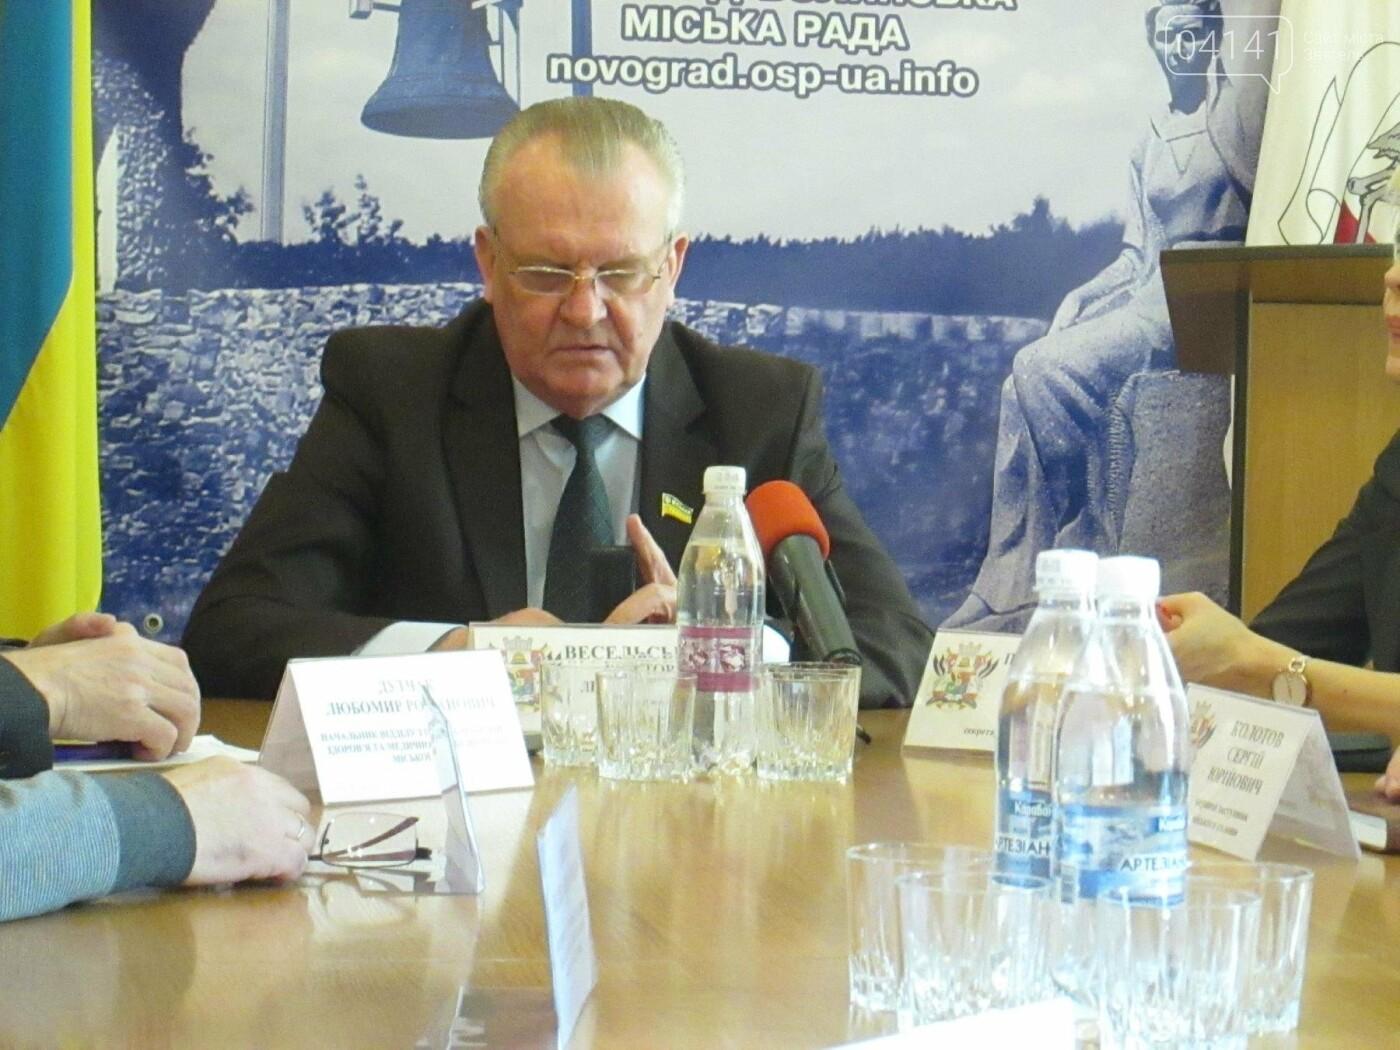 Прес-конференція міського голови: Нові подробиці замаху на депутата Новоград-Волинської міської ради, фото-1